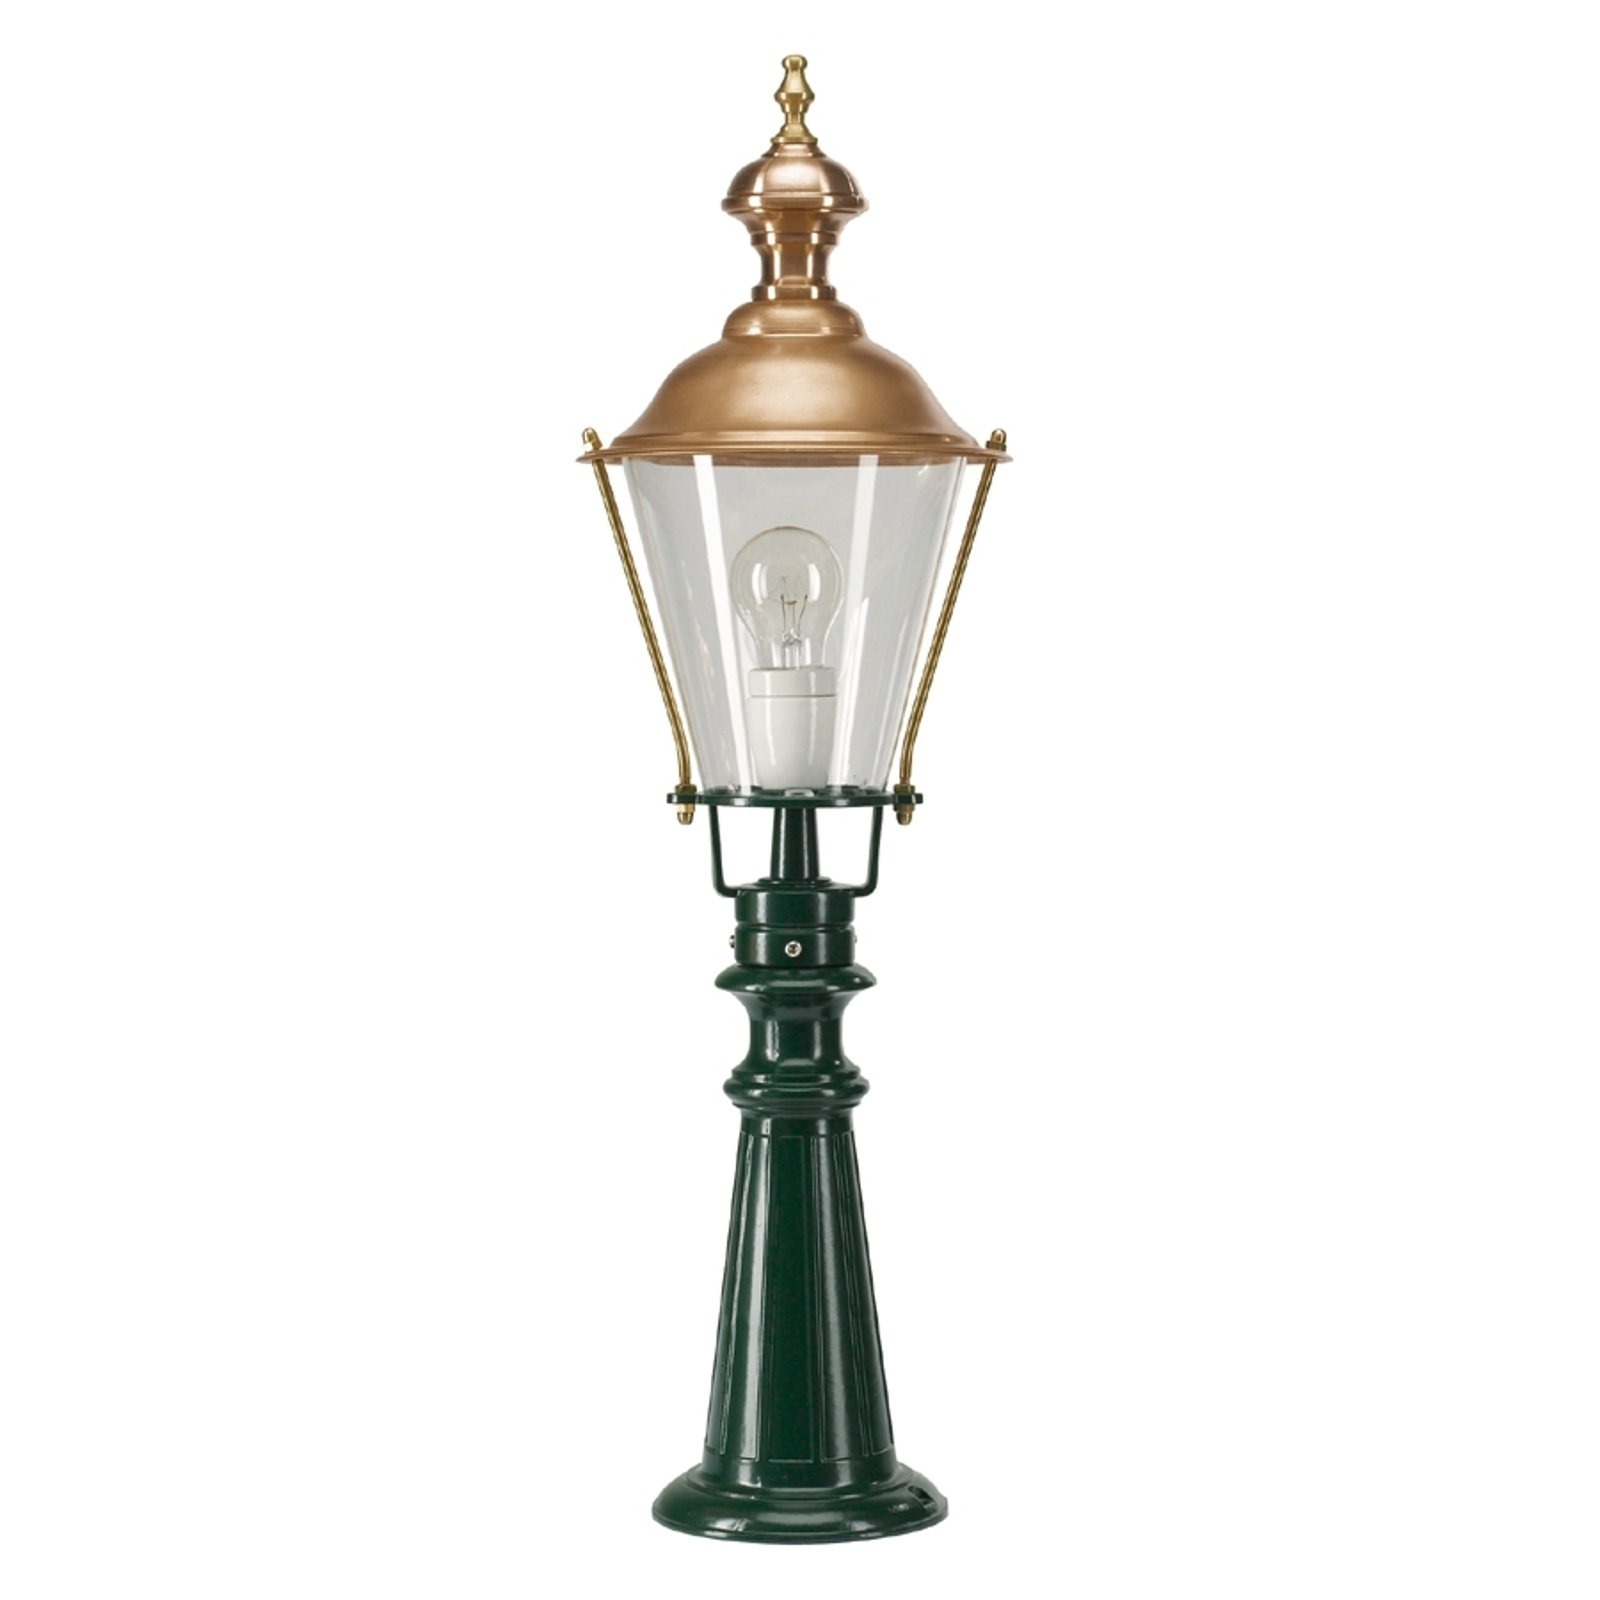 Tradycyjny słupek oświetleniowy Pantar, zielony